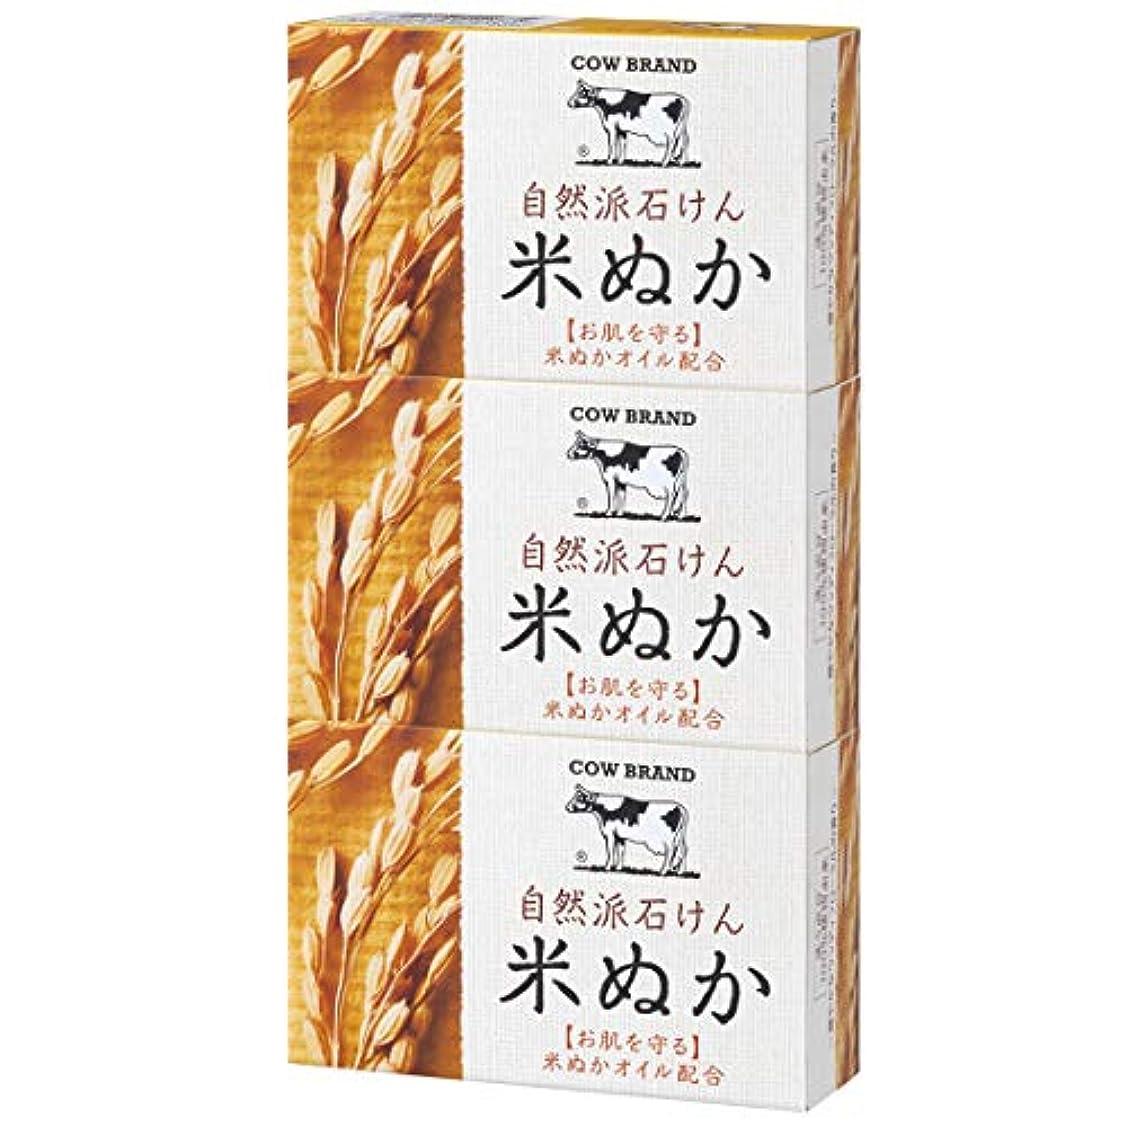 パイ主張する洪水カウブランド 自然派石けん 米ぬか 100g*3個